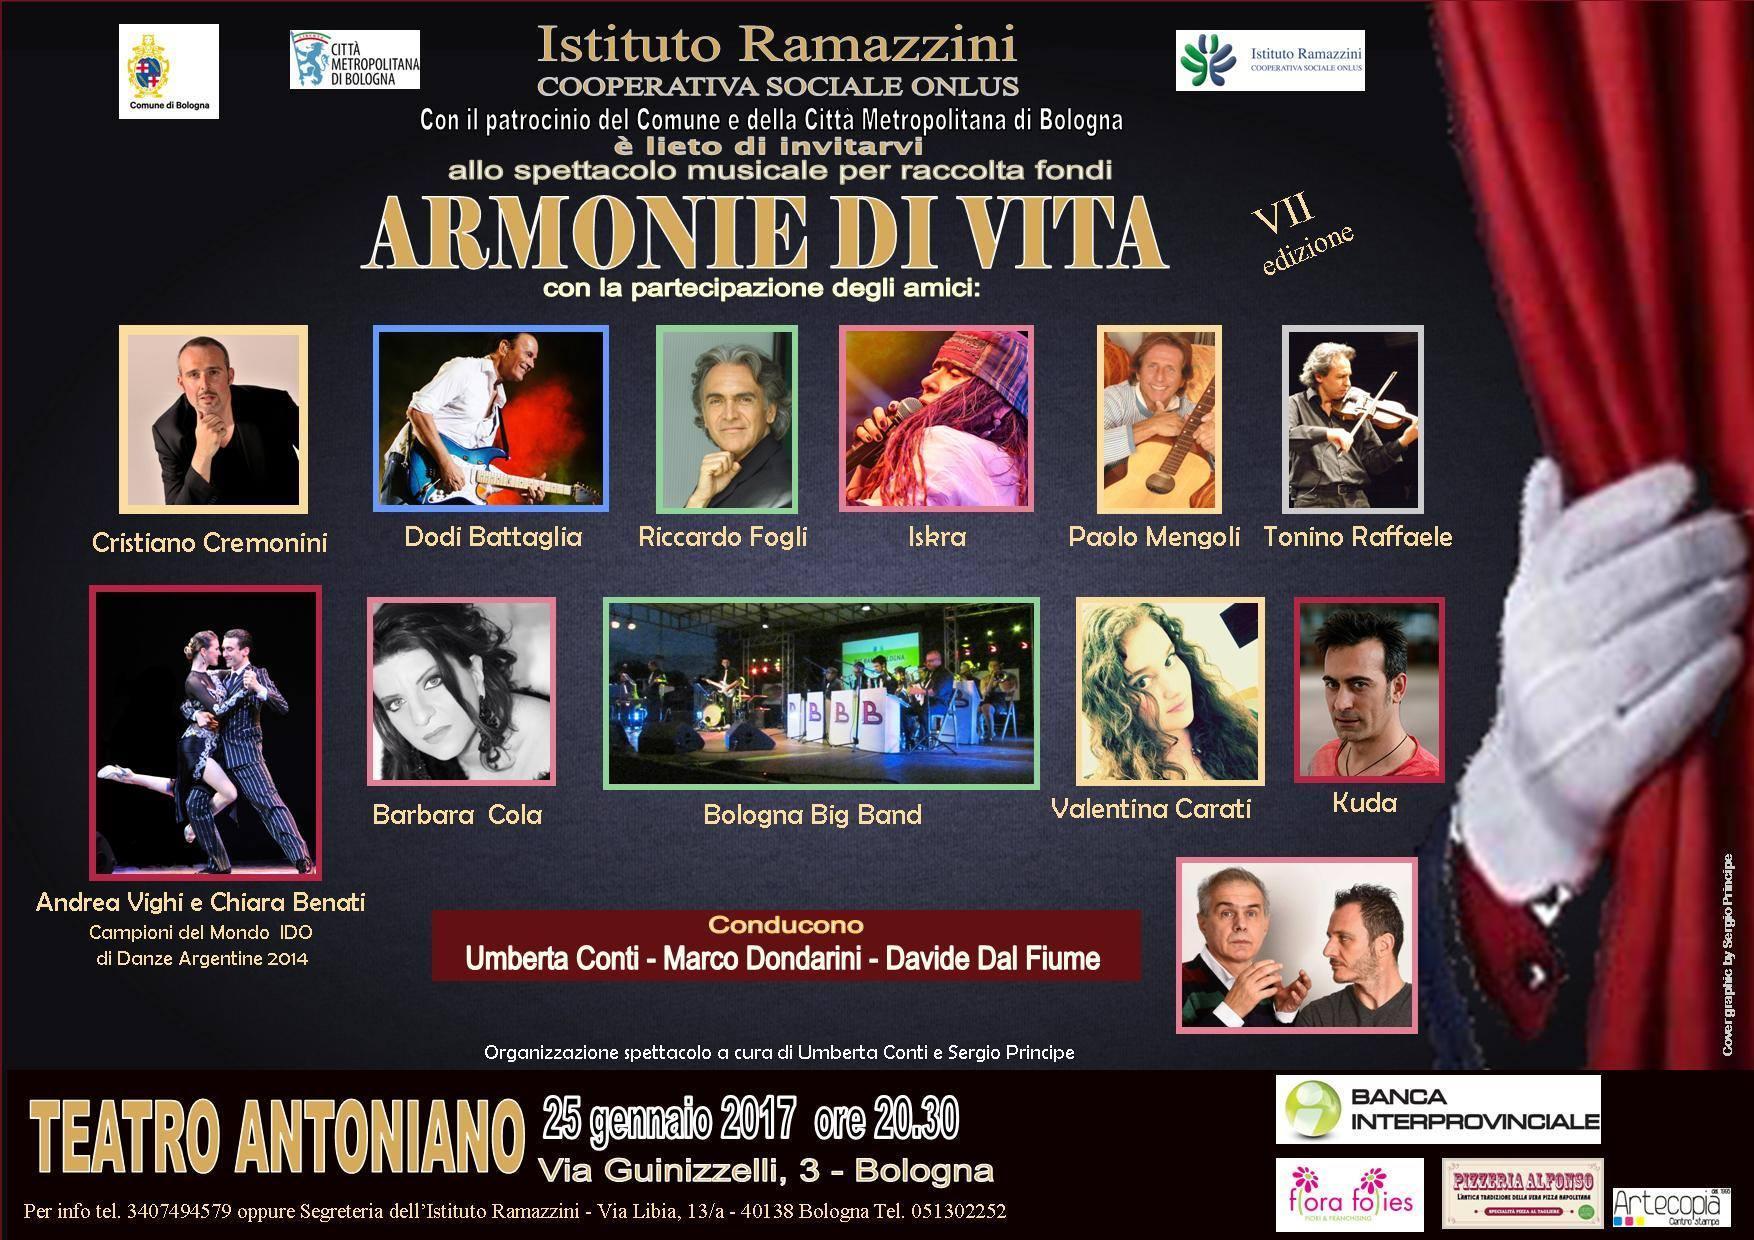 Armonie_di_Vita_spettacolo_Antoniano_di_Bologna